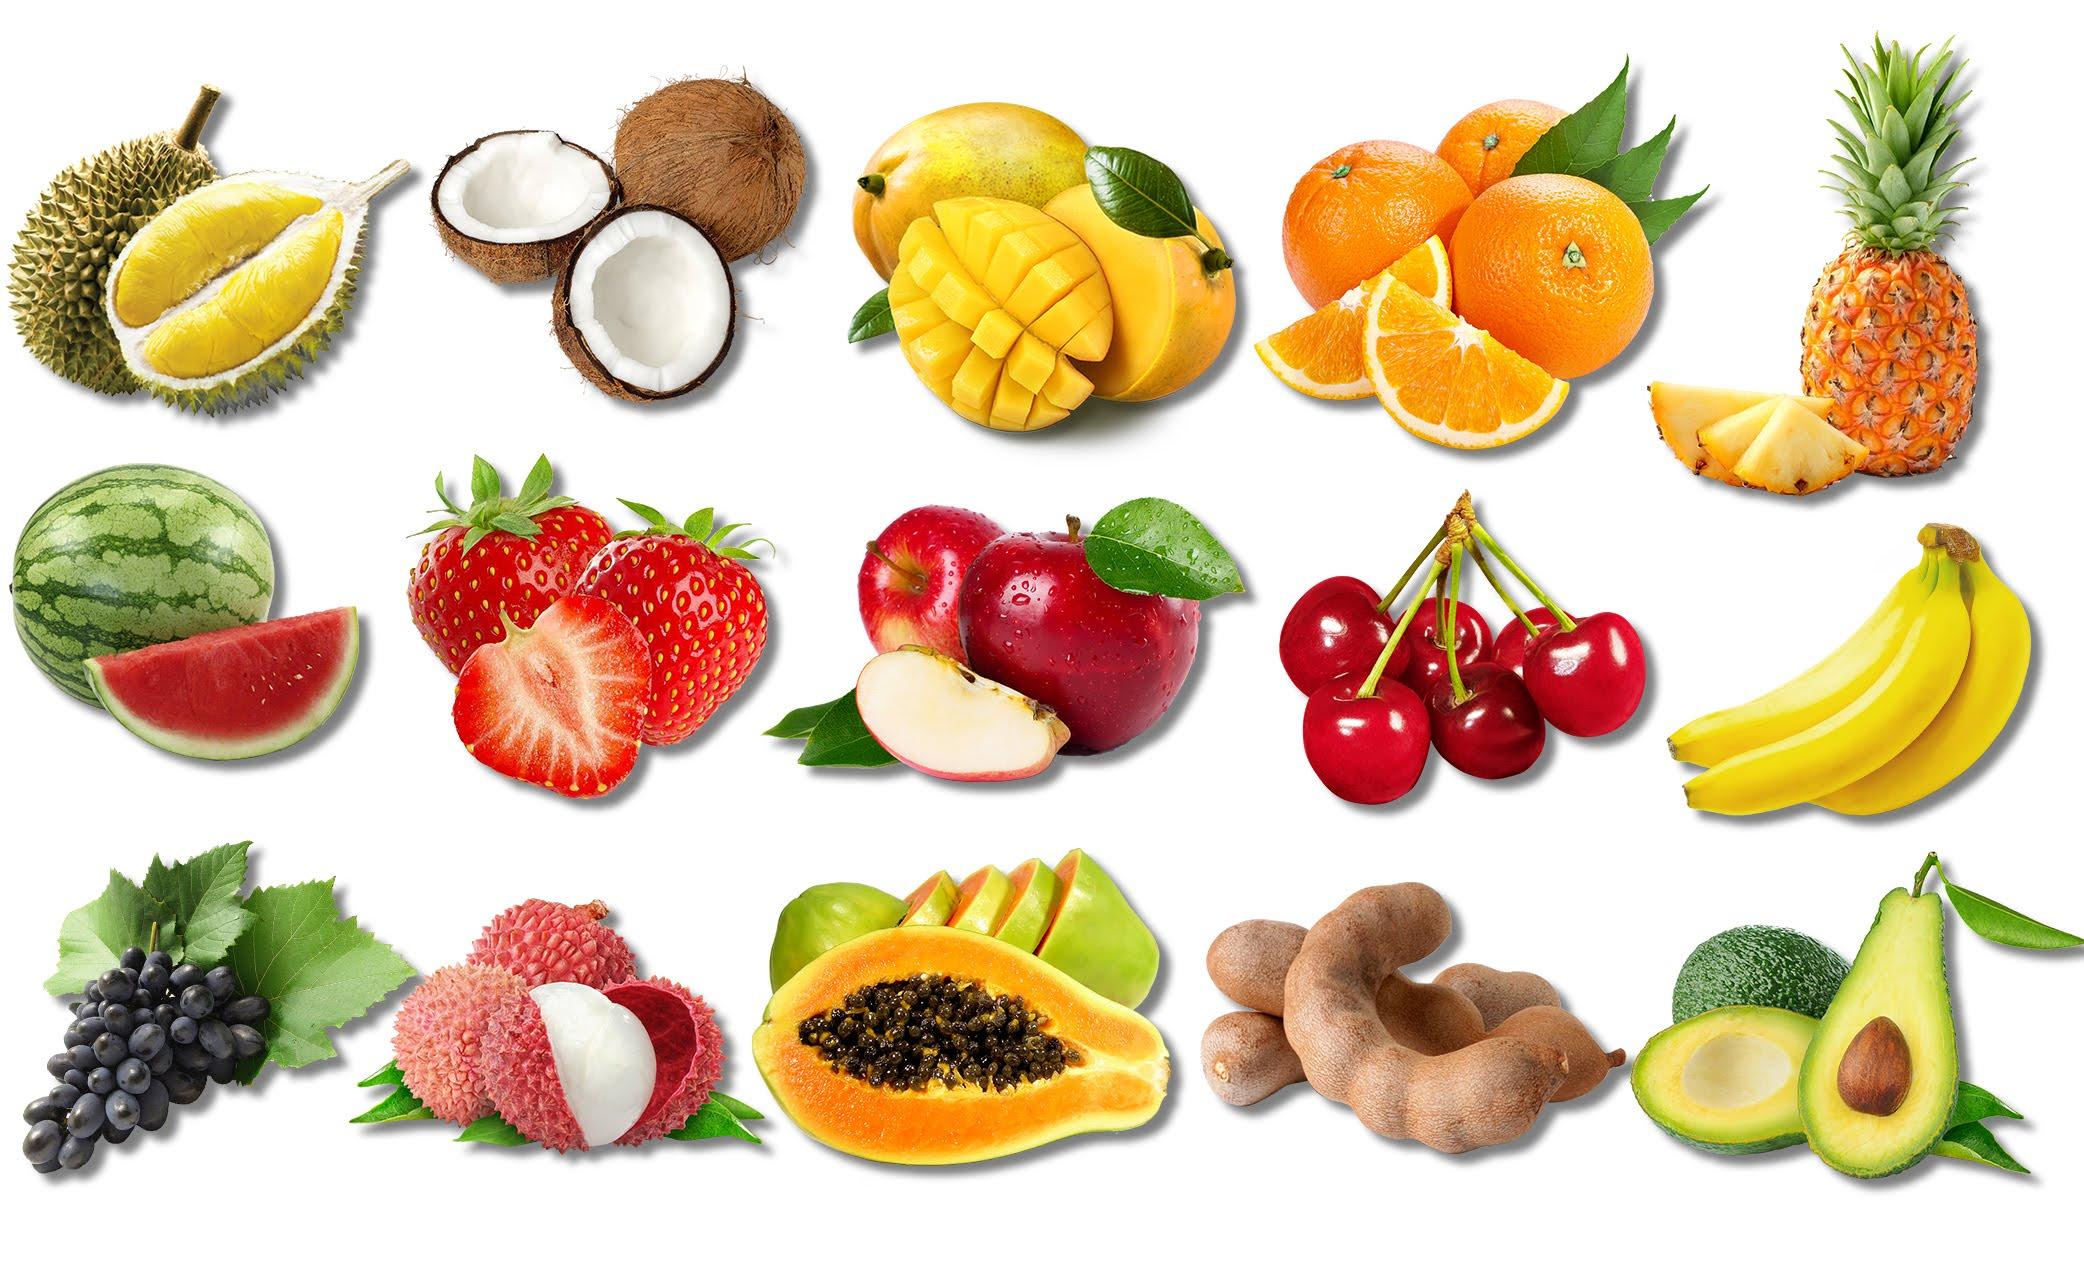 Những thực phẩm cần tránh đưa vào thực đơn giảm béo của bạn.